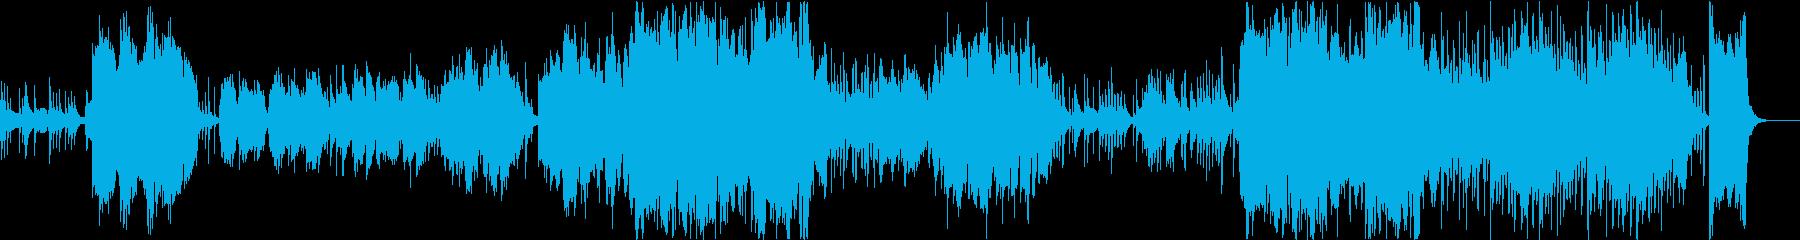 尺八メインの感動的な和風バラードの再生済みの波形